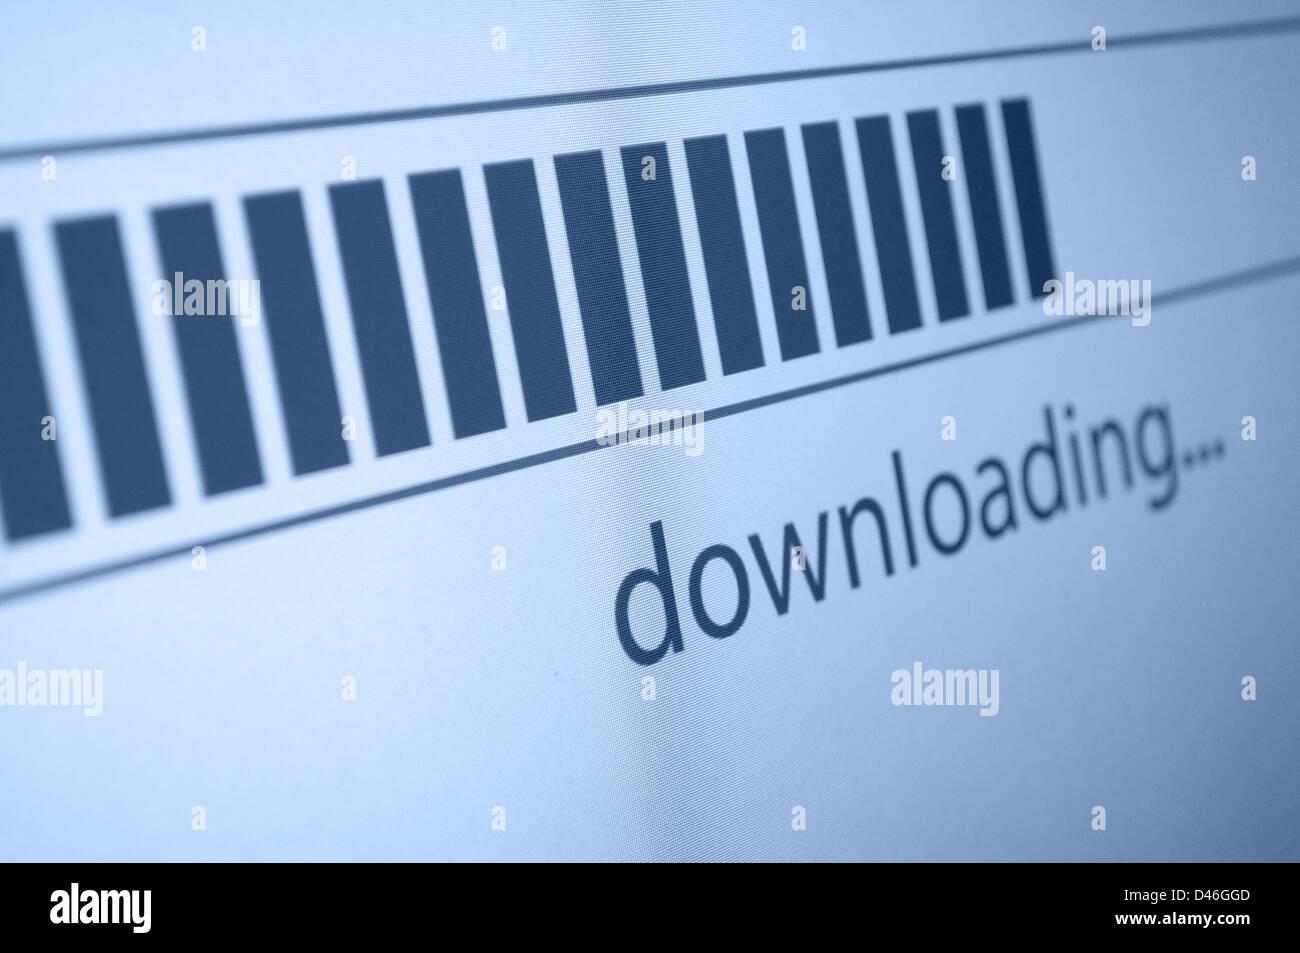 Primer plano de la barra de progreso de la descarga en la pantalla LCD Imagen De Stock